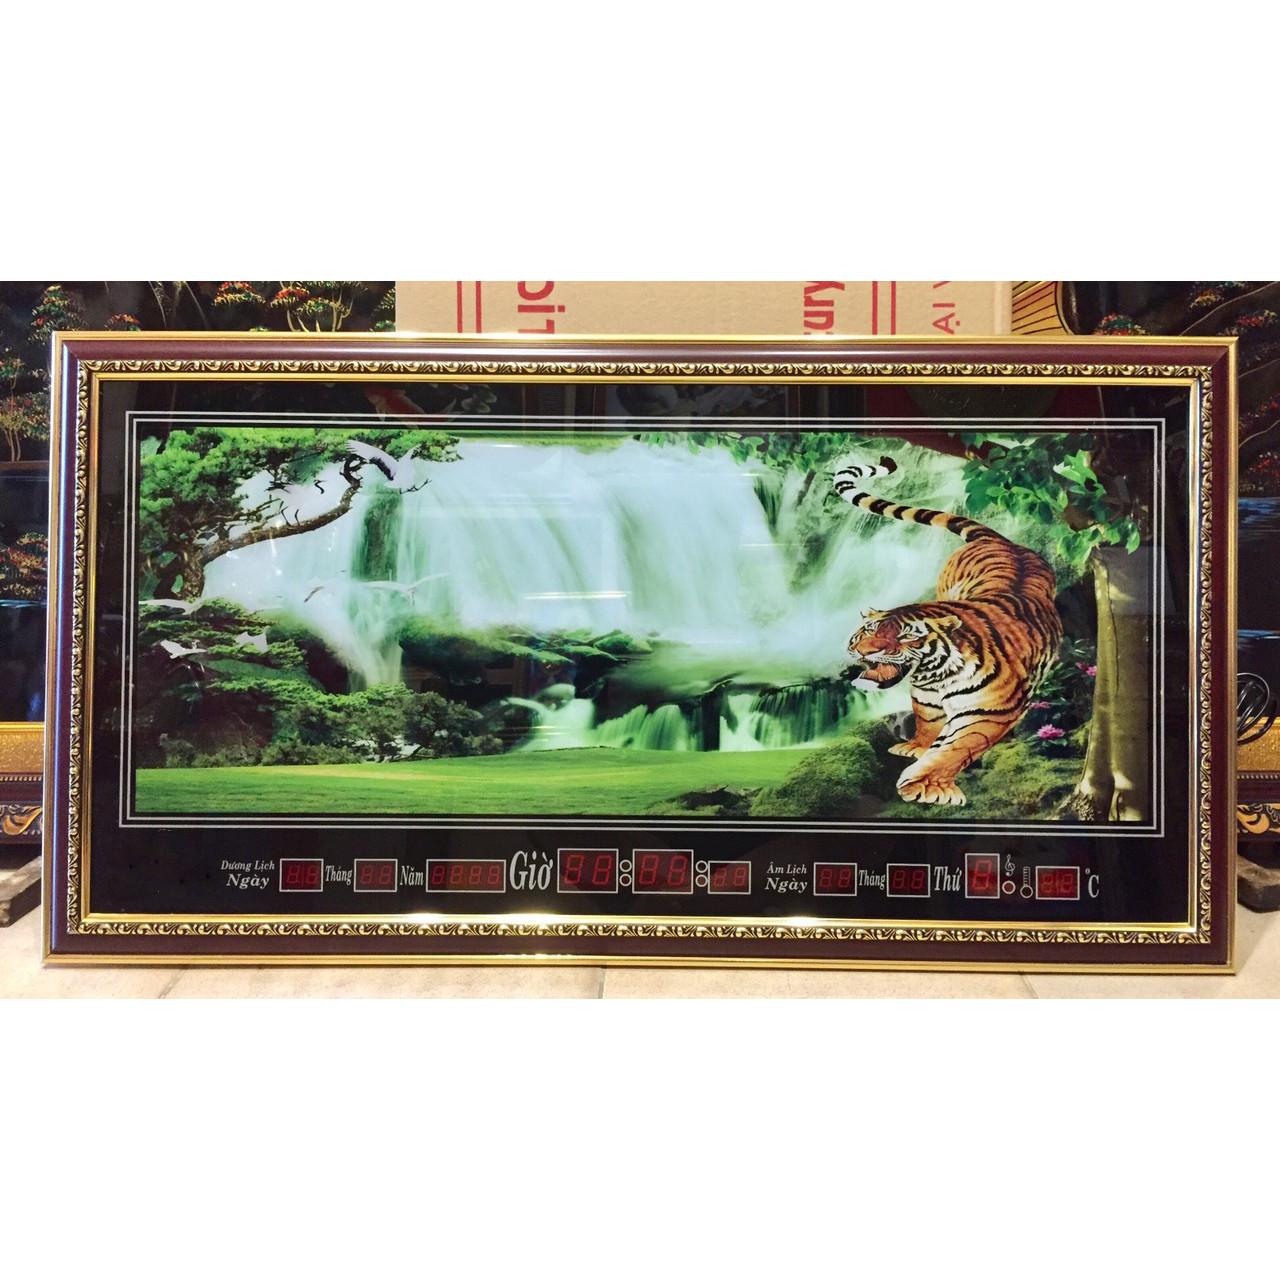 Tranh lịch vạn niên, Oai trấn sơn hà - MS517